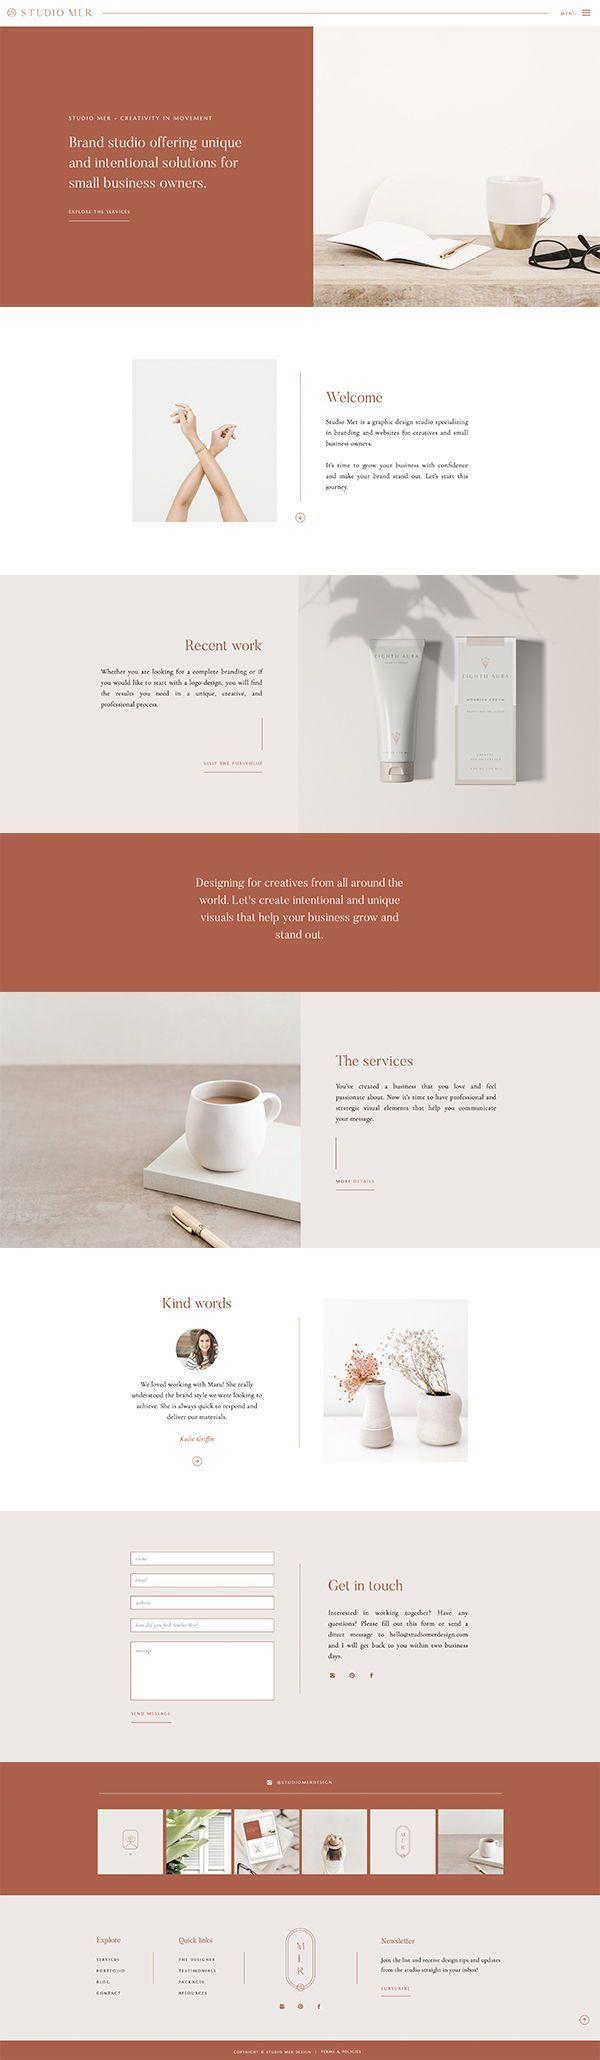 Studio Mer Website Design Graphic Design Web Design Shout Web Design Custom Website Brandin Unique Logo Design Minimal Web Design Feminine Website Design